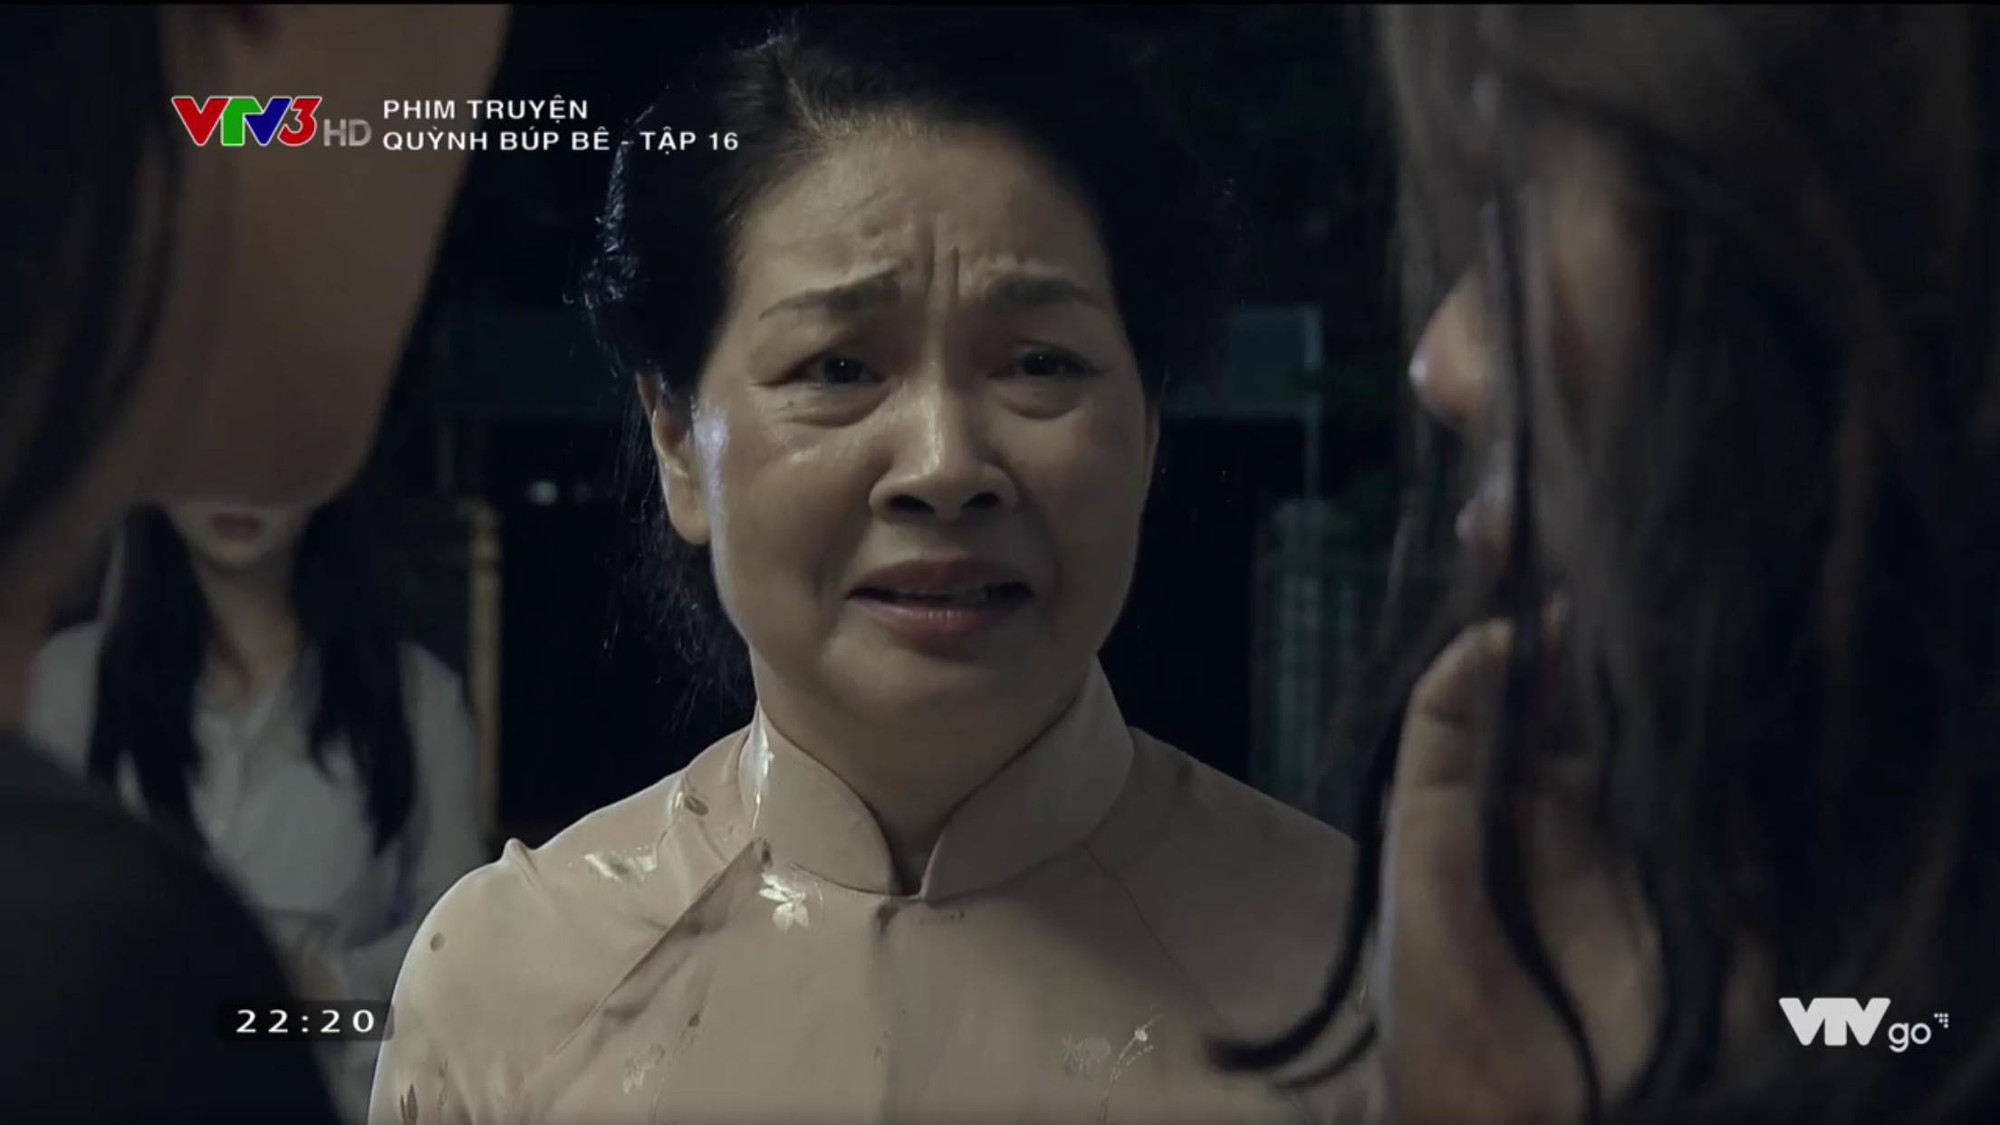 Quỳnh Búp Bê tập 16: Lan cave bị huỷ hôn ngay ngày cưới, Quỳnh lần đầu tiết lộ lý do vào ngành đầy chua xót - Ảnh 10.